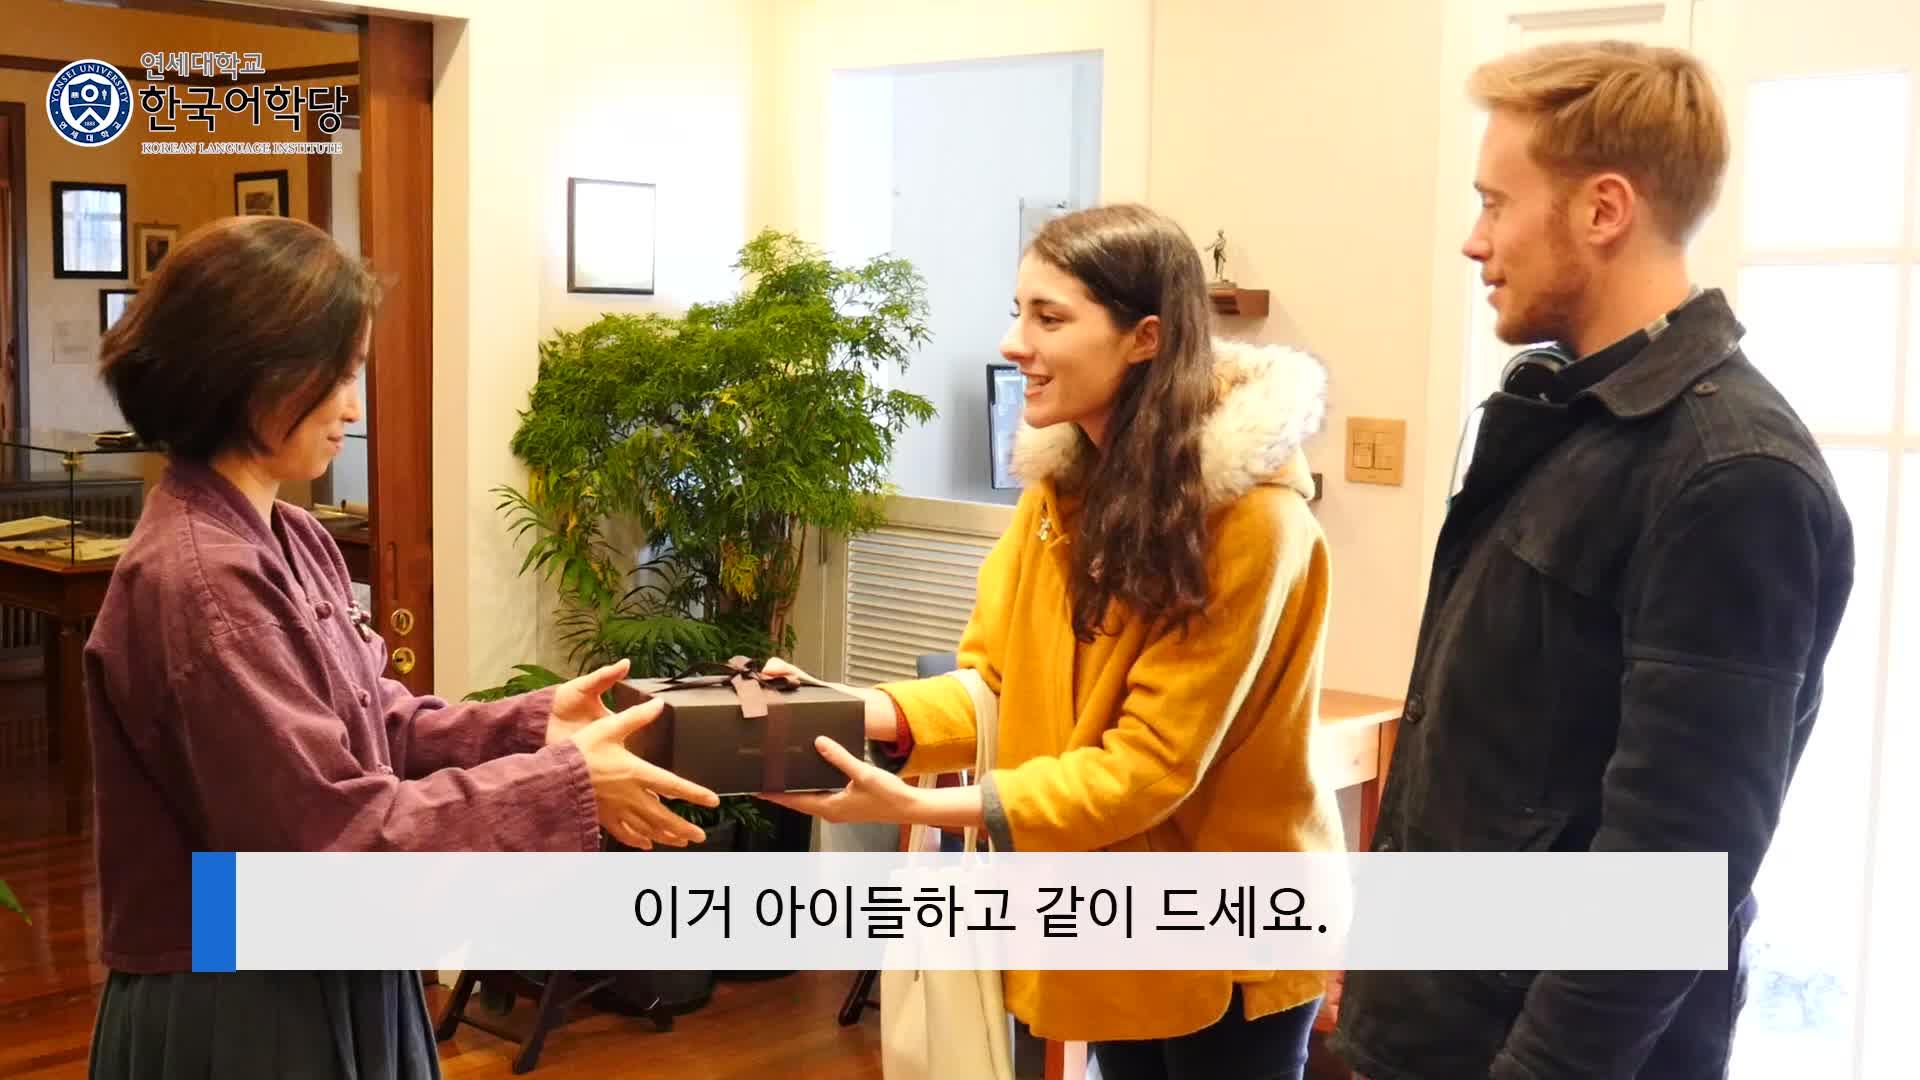 [1분 한국생활]한국 친구의 집에 초대 받았을 때, 어떻게 할까요?